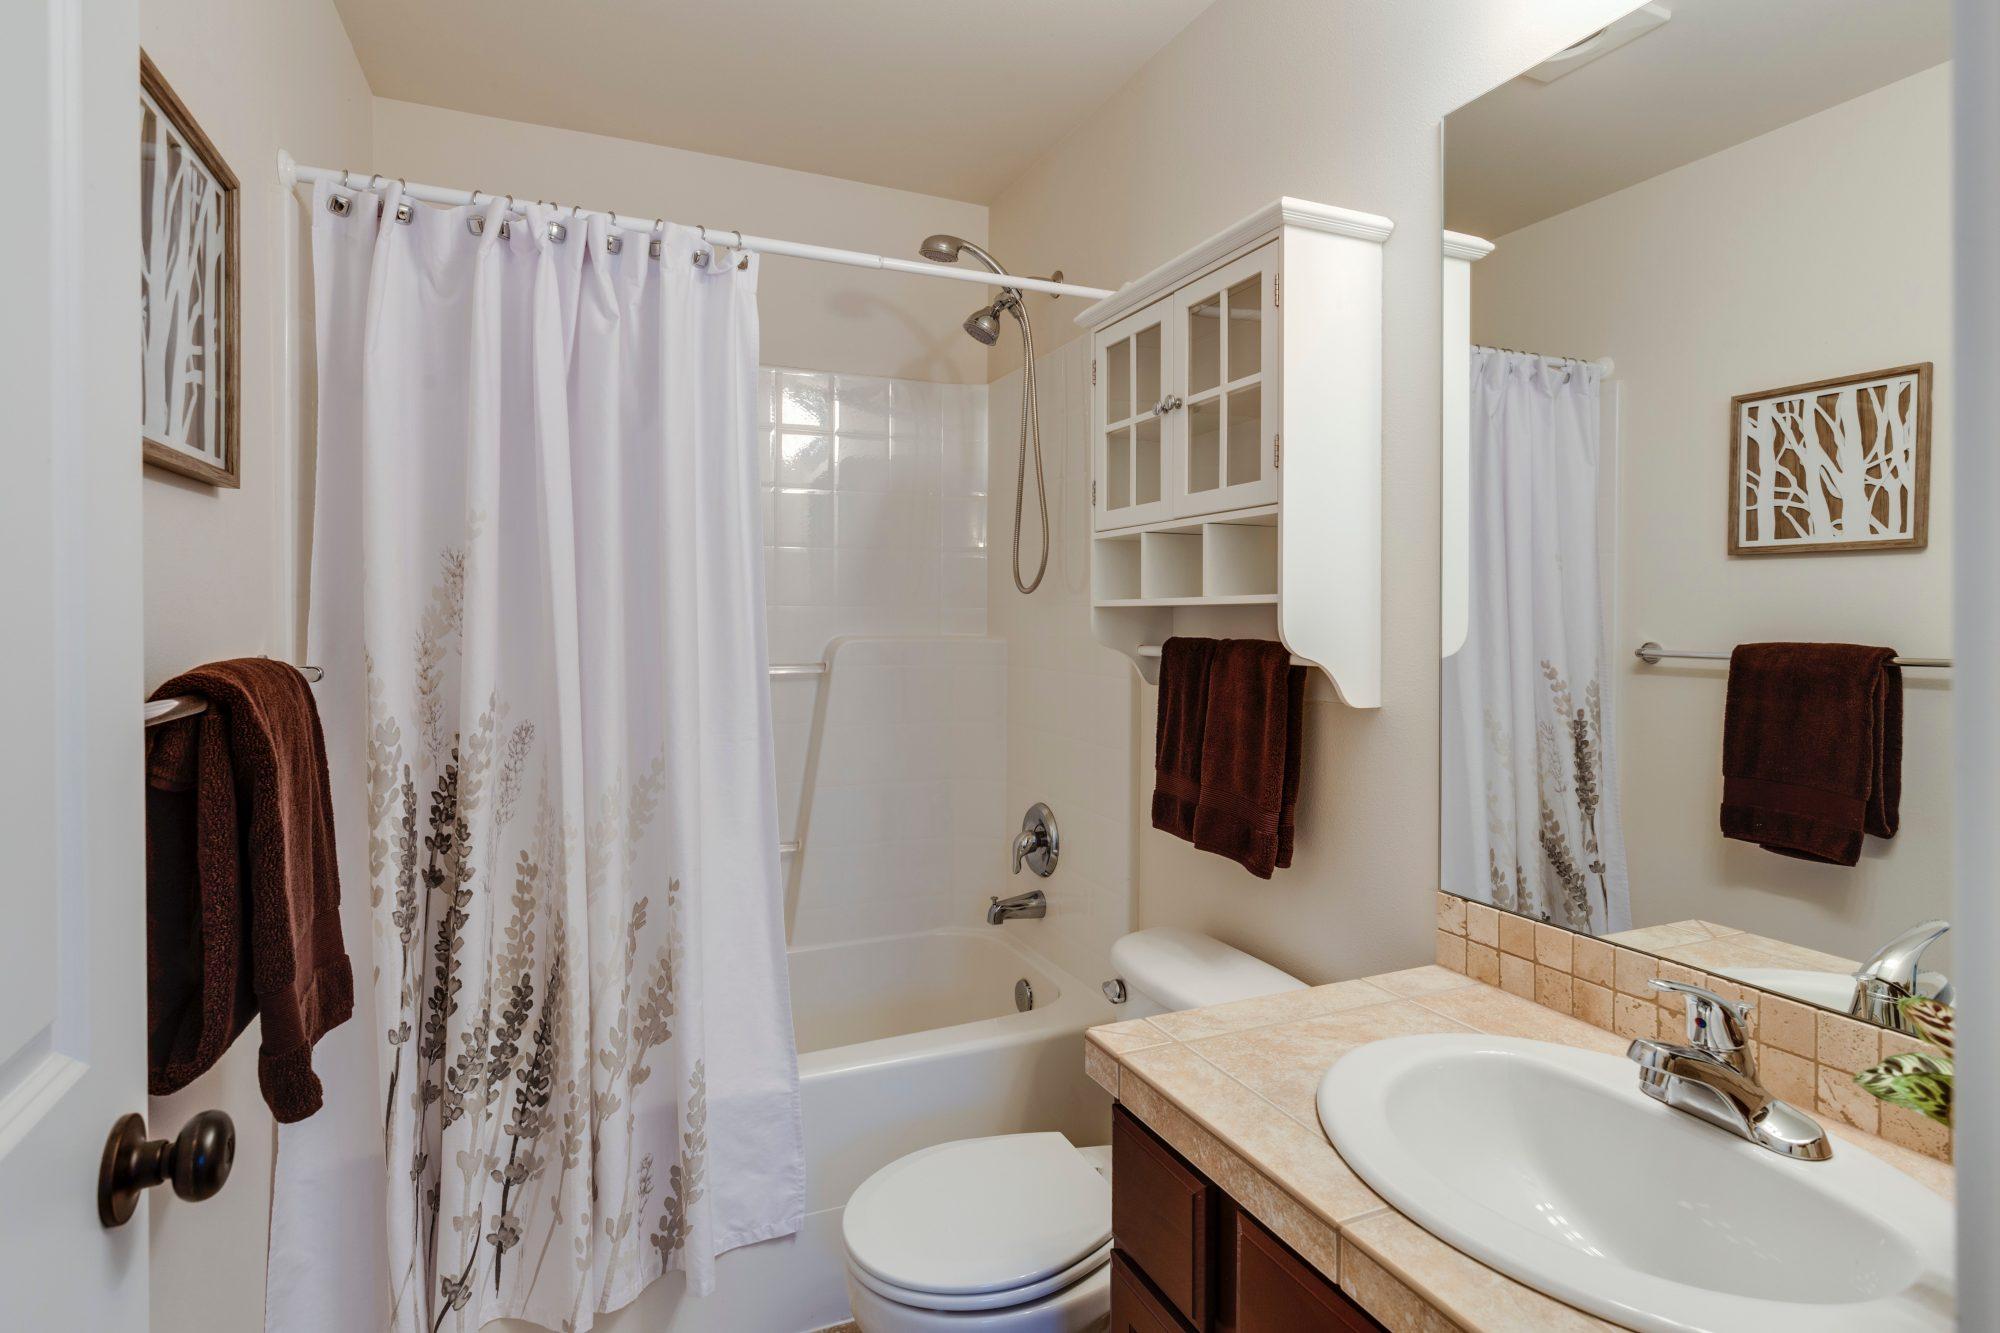 hallitus vannitoas - kuidas sellest jagu saada?